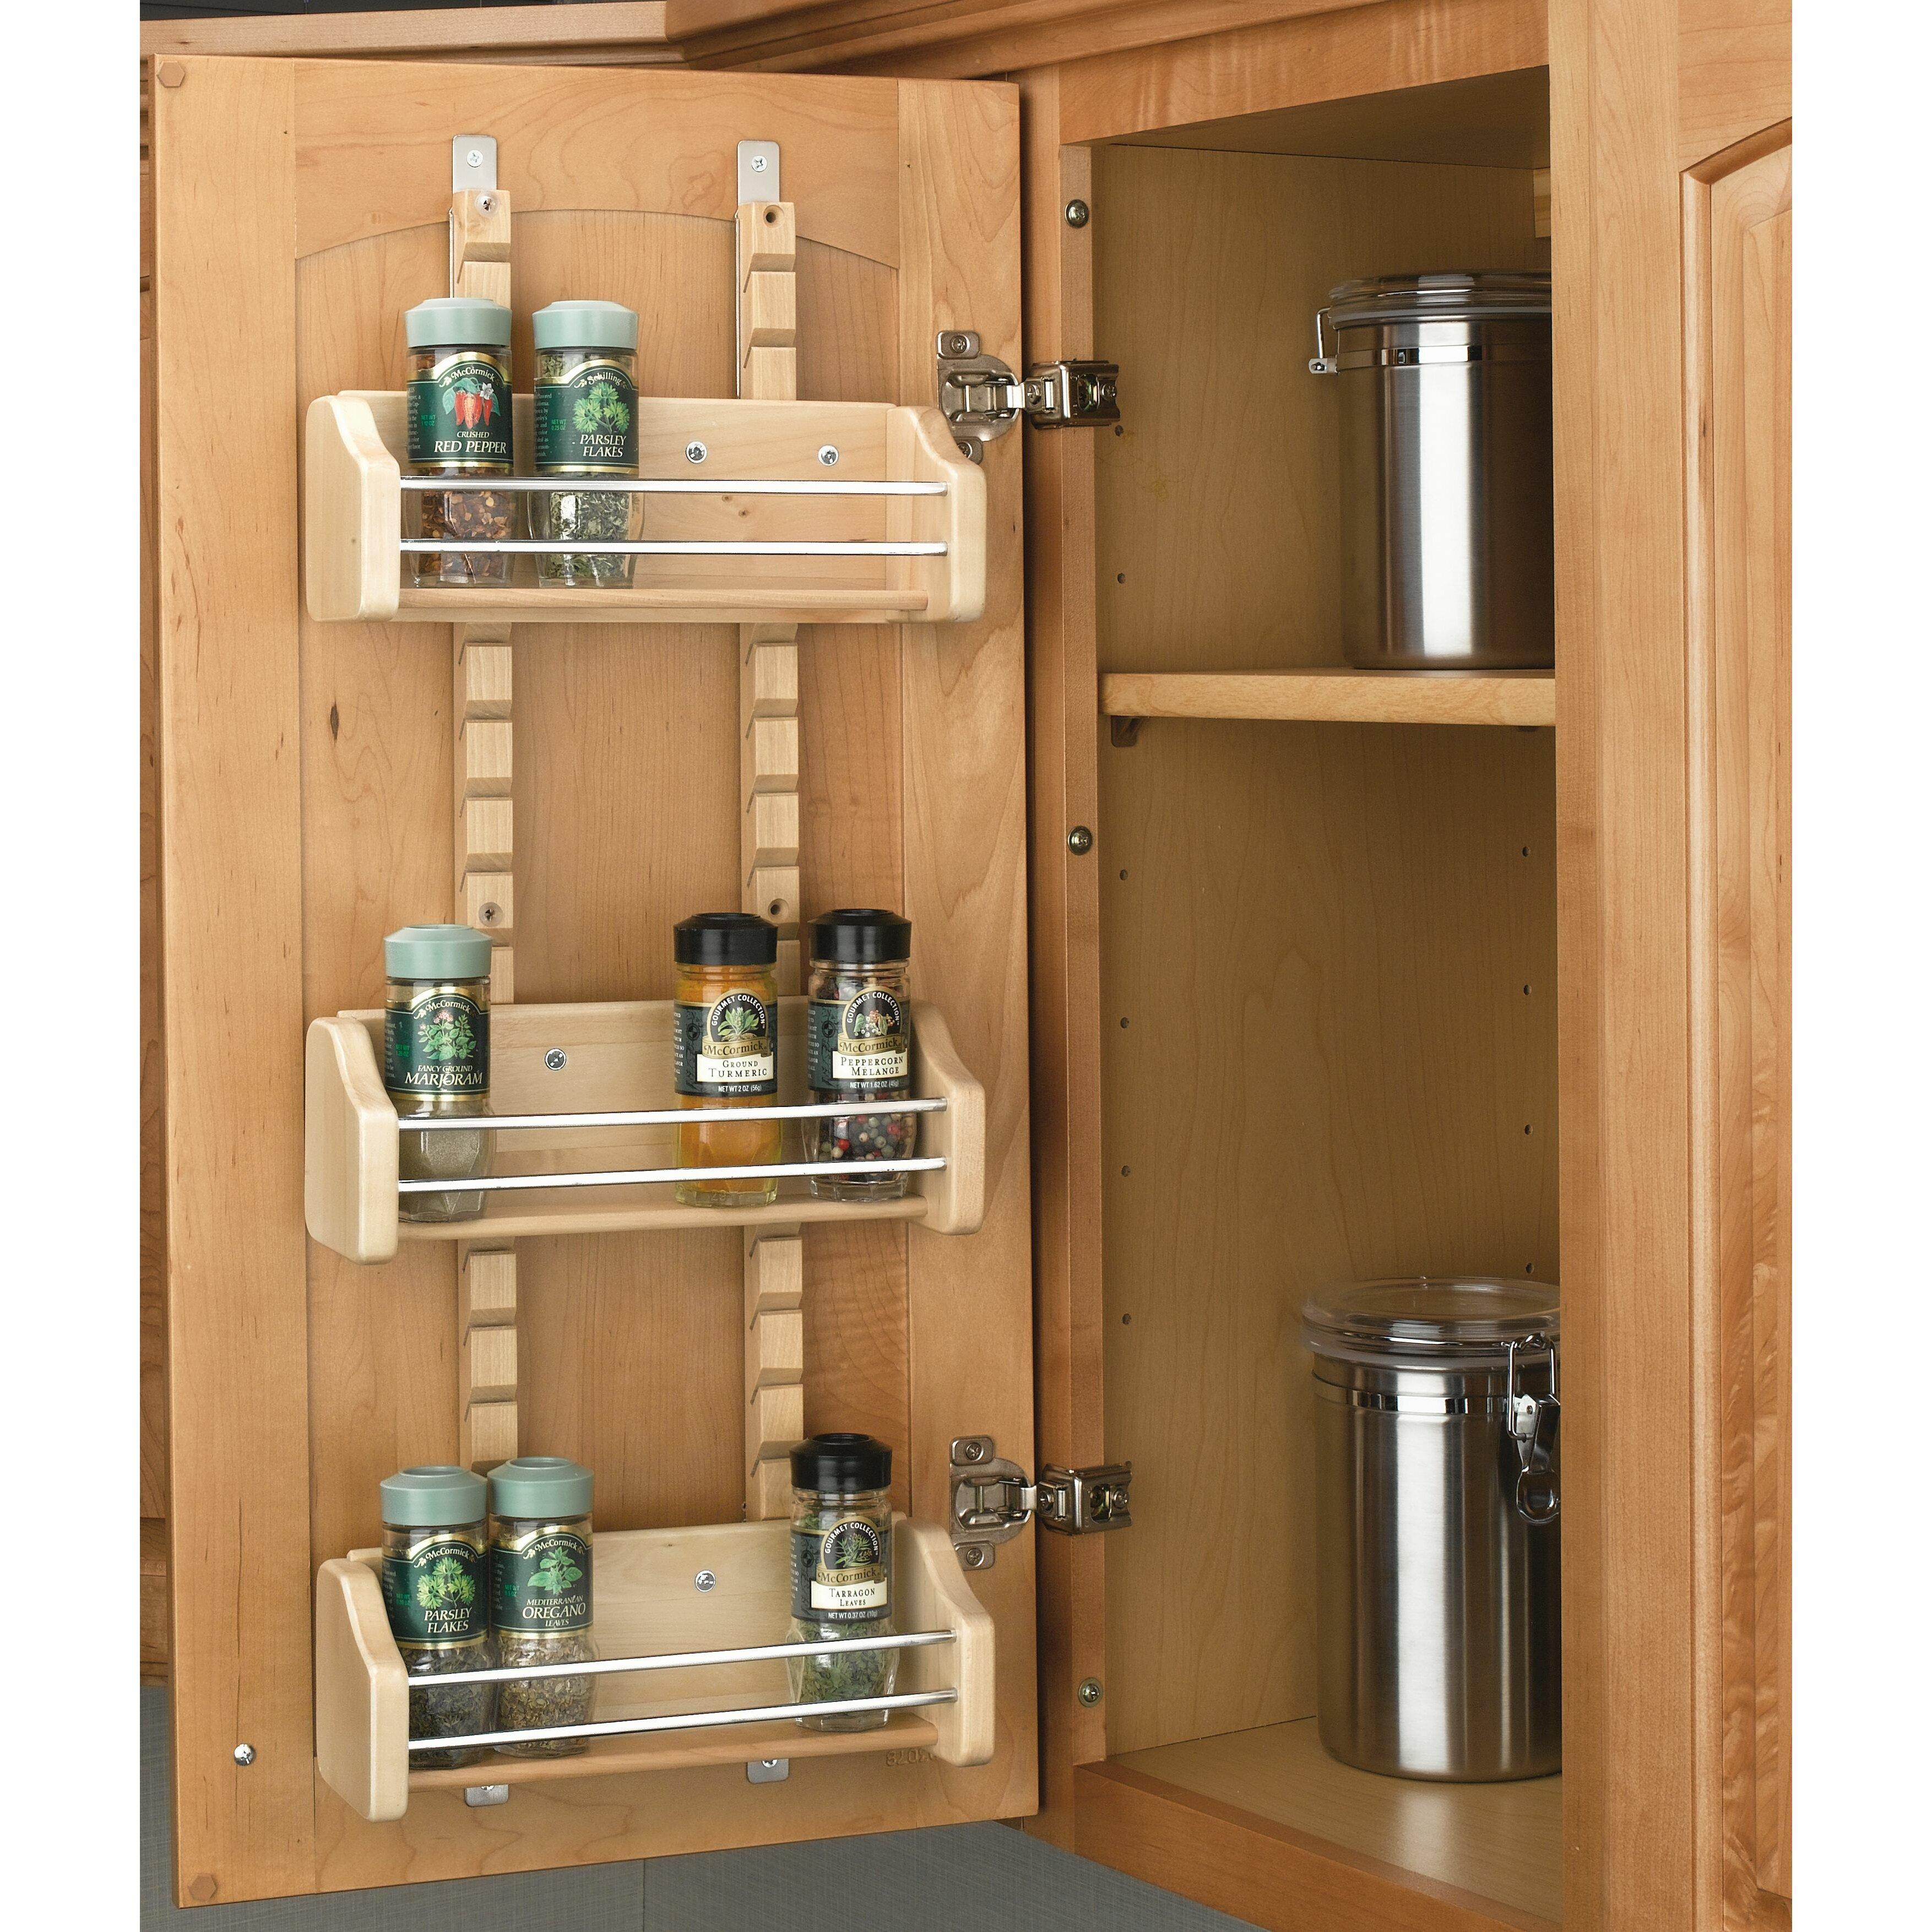 Bathroom Door Rack Rev A Shelf Adjustable Door Mount Spice Rack Reviews Wayfair